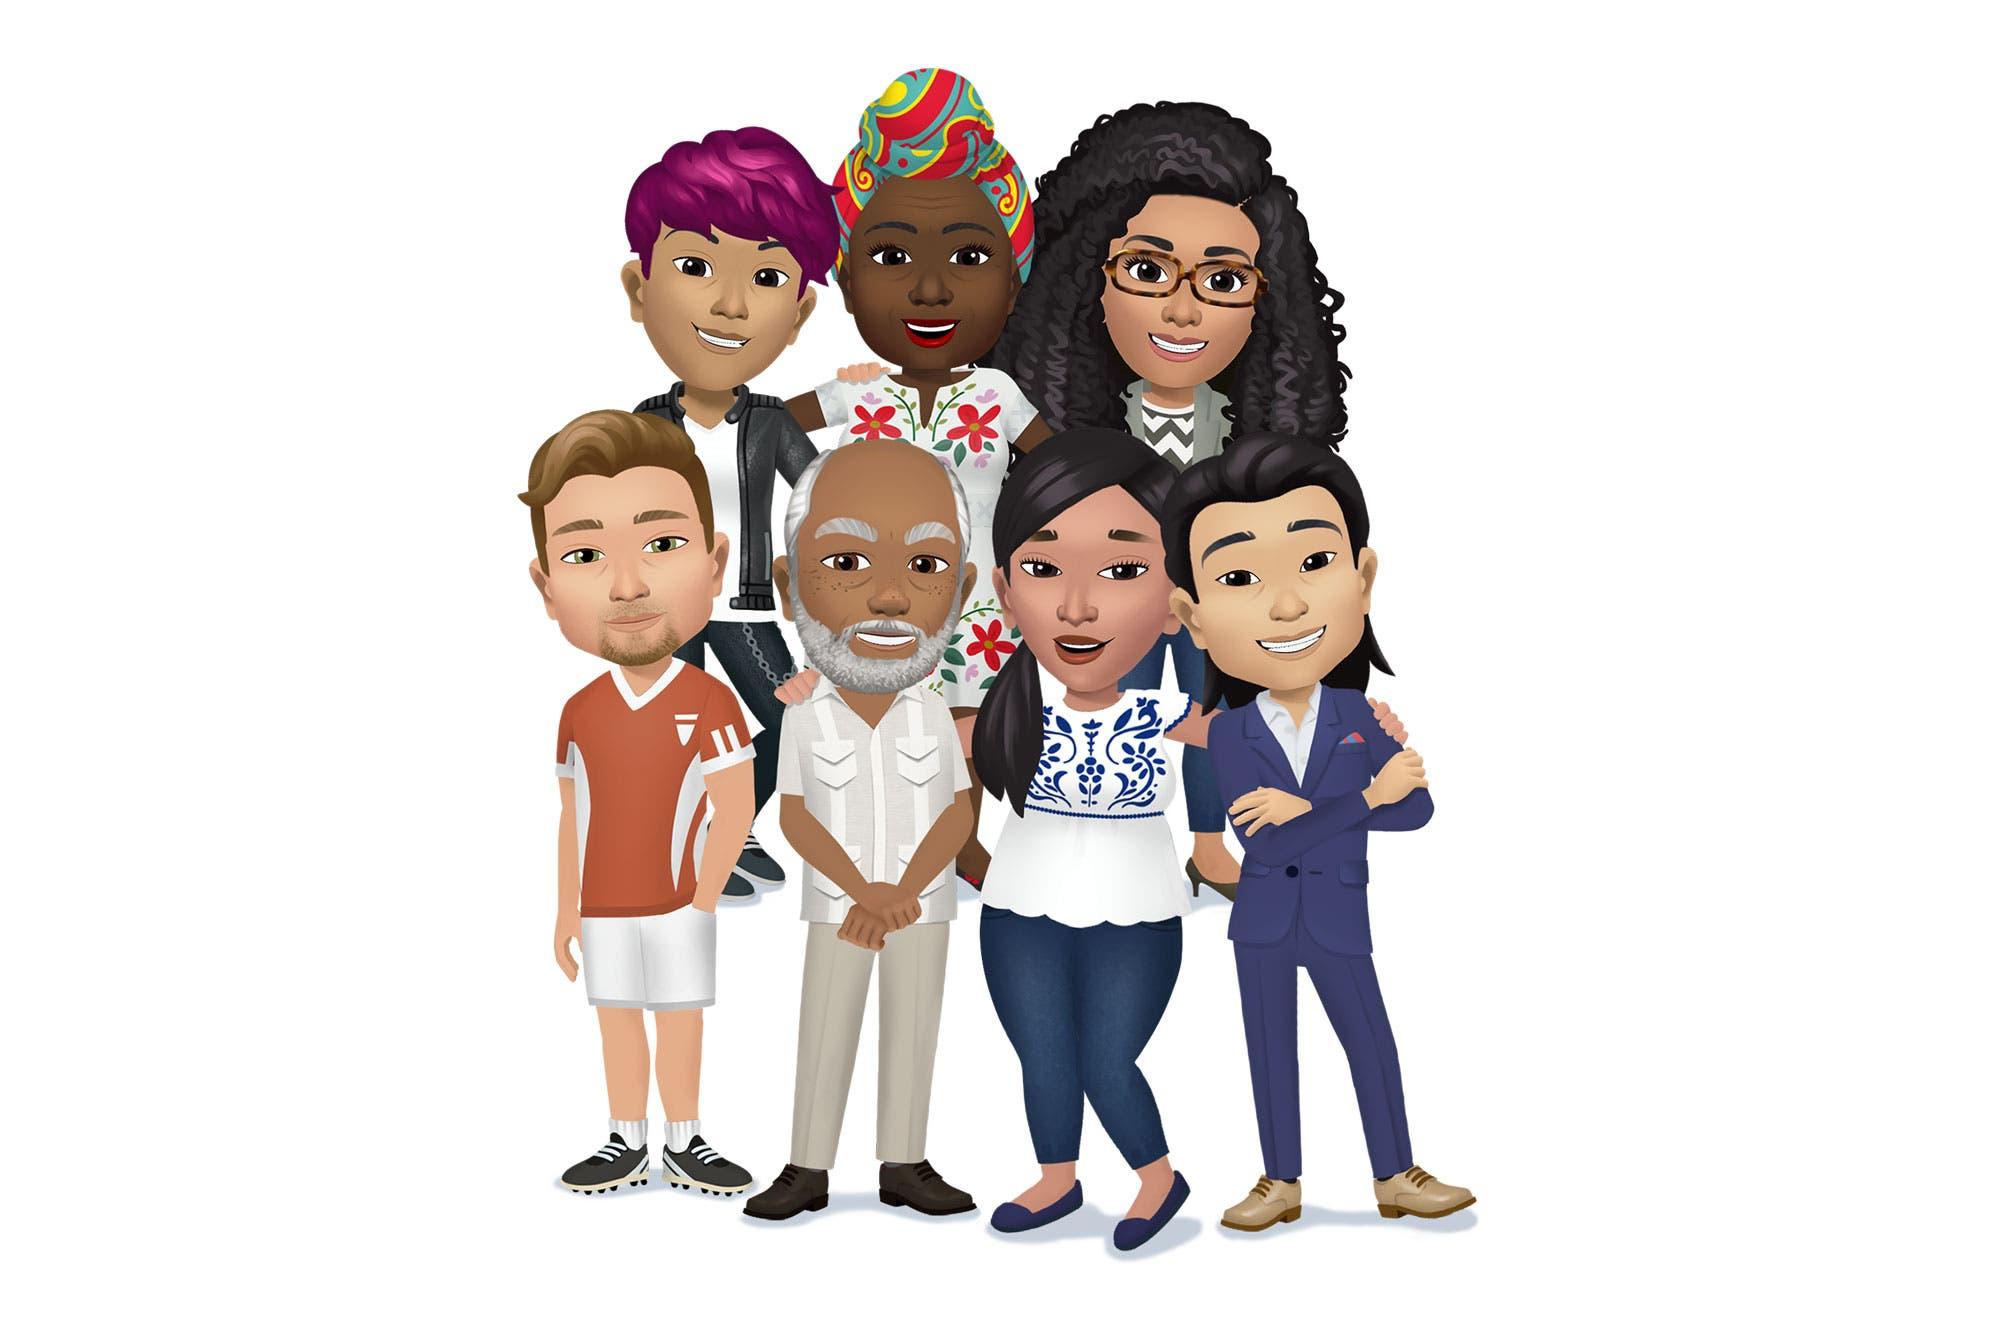 Facebook: cómo crear tu avatar con un personaje digital a medida